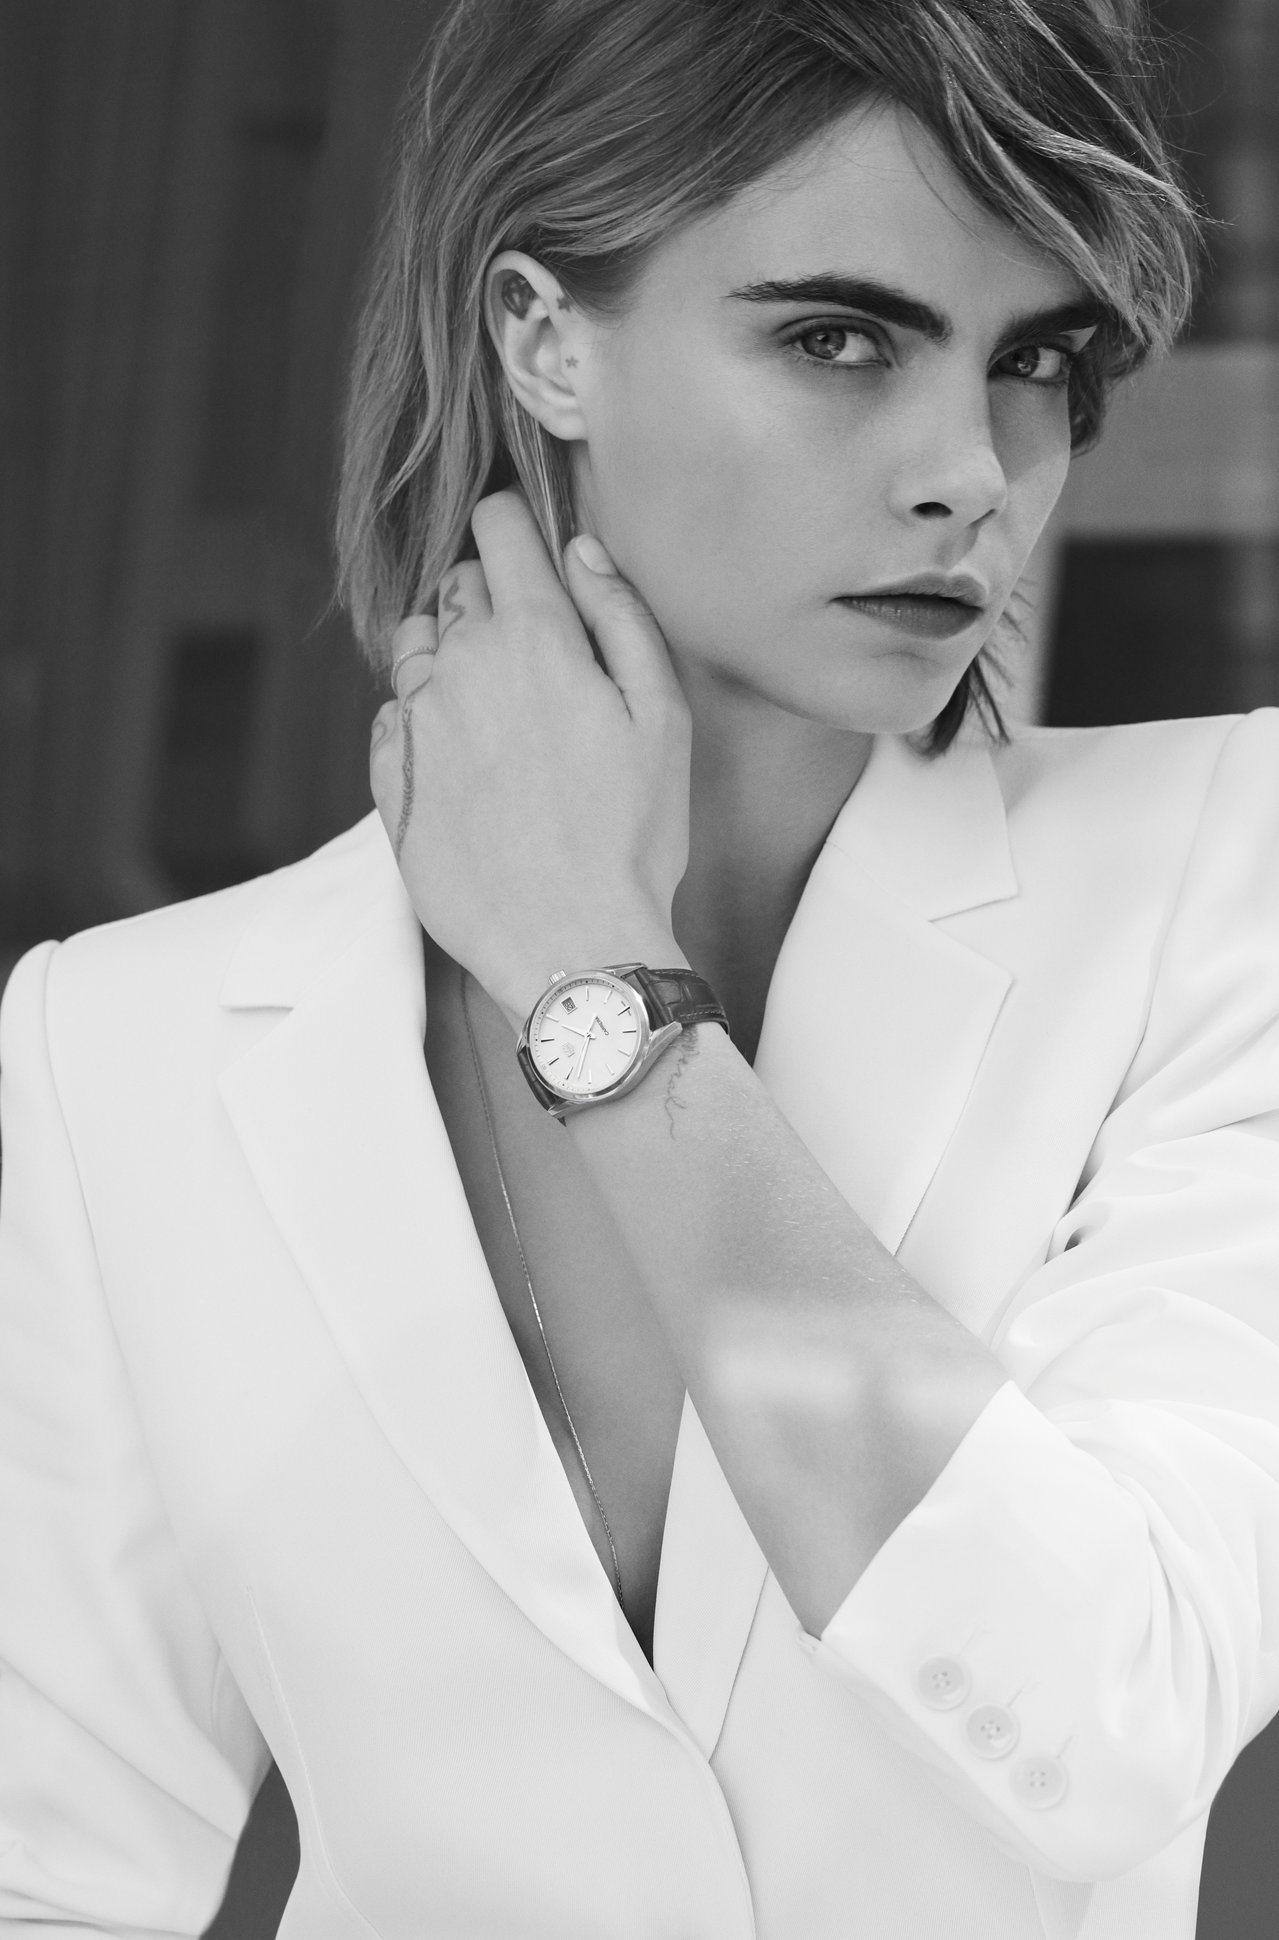 超模卡拉迪樂芬妮演繹泰格豪雅全新Carrera Lady腕表,形象照帥氣逼人。圖...